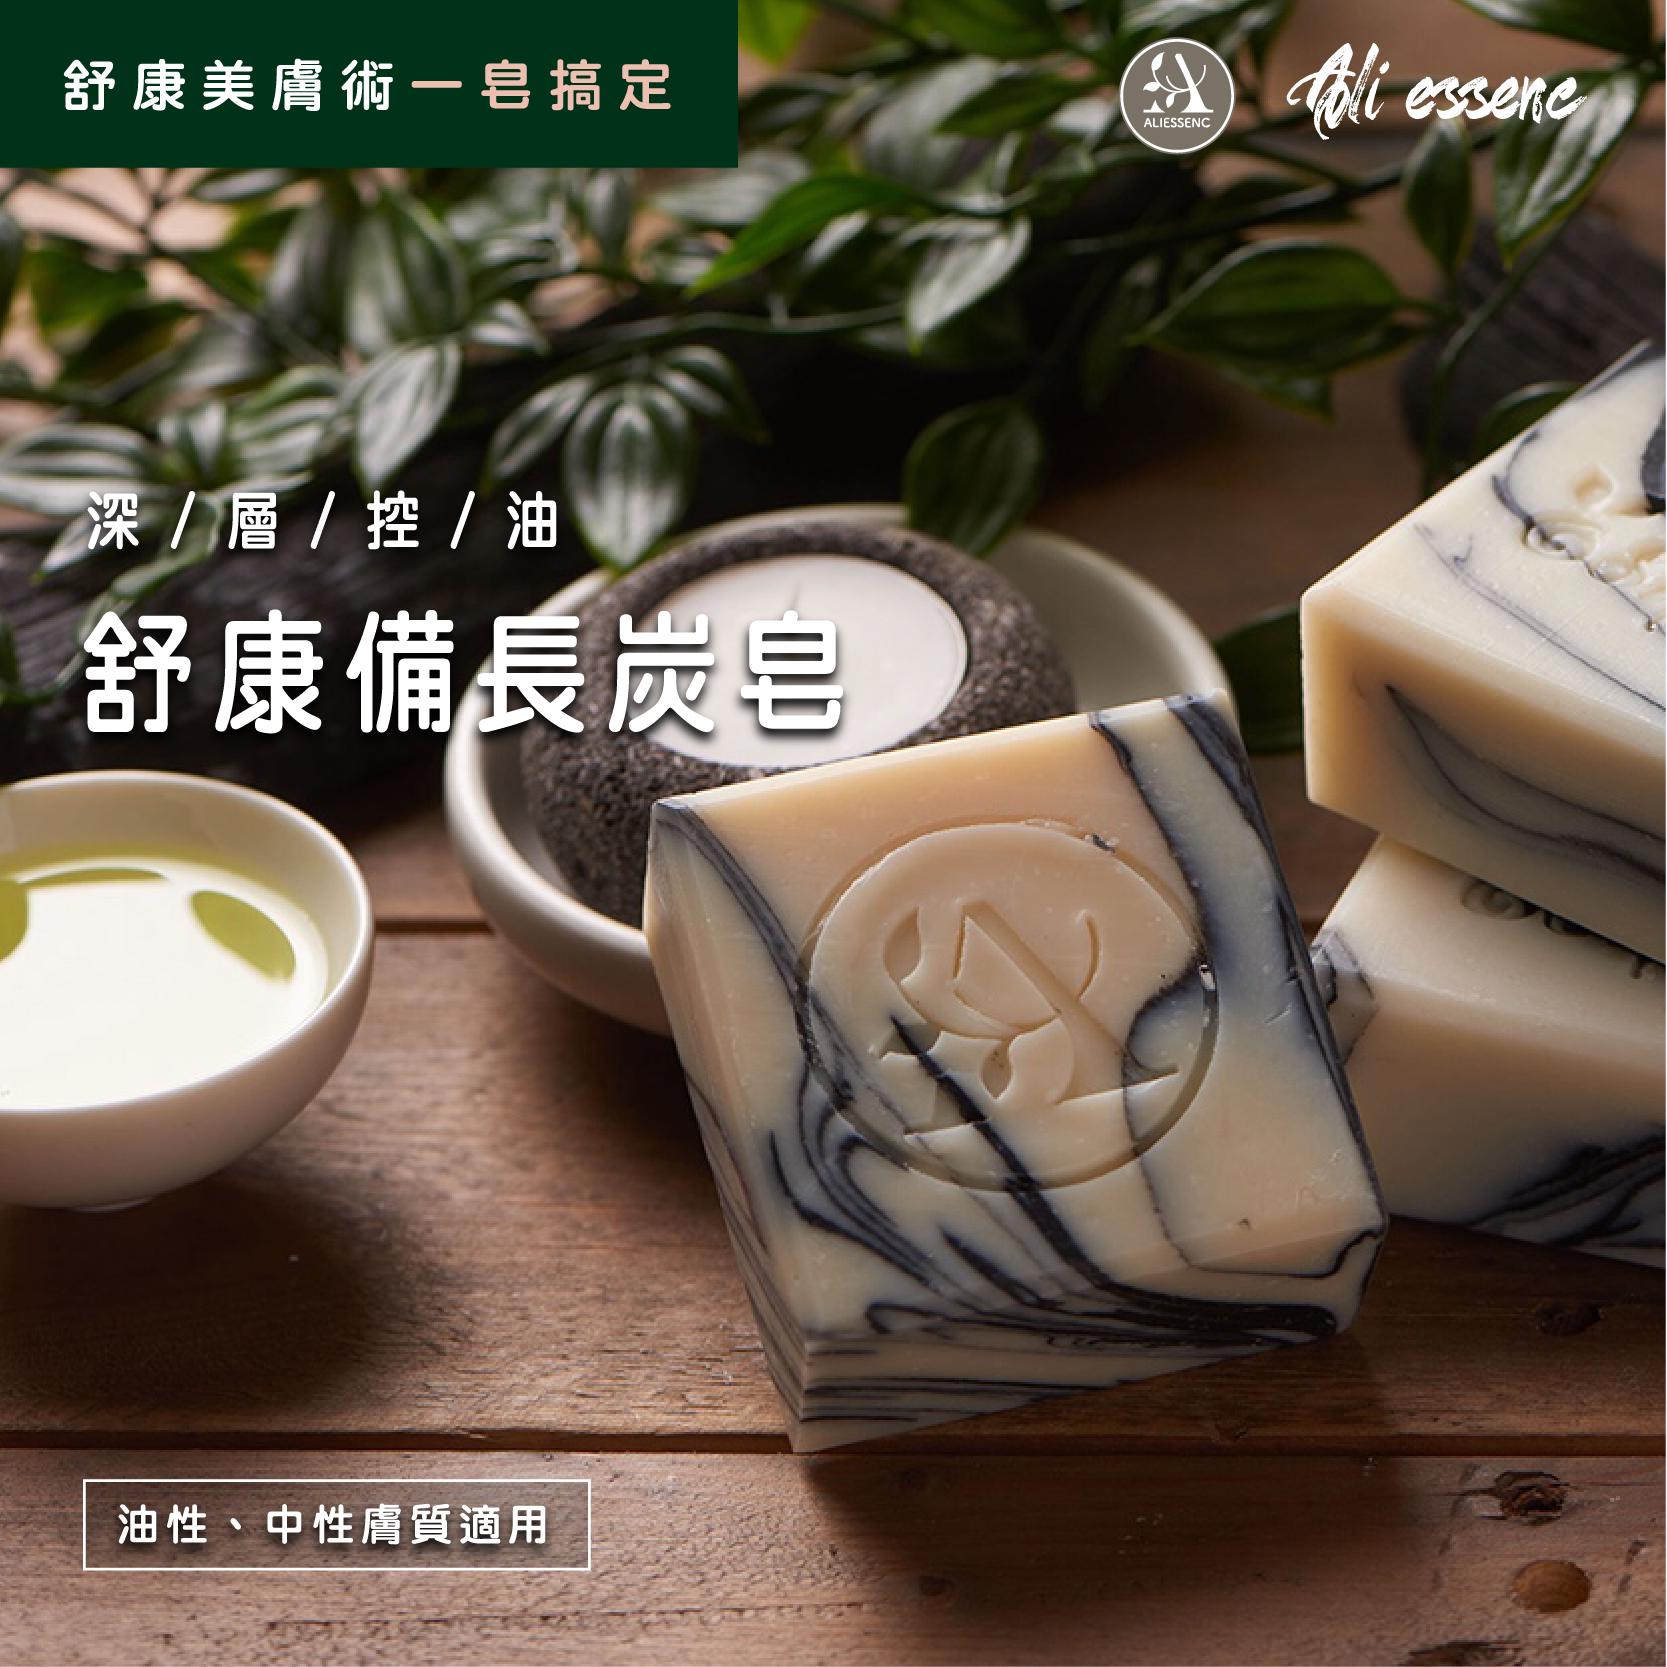 【亞莉生技】舒康手工皂-備長炭皂 130g